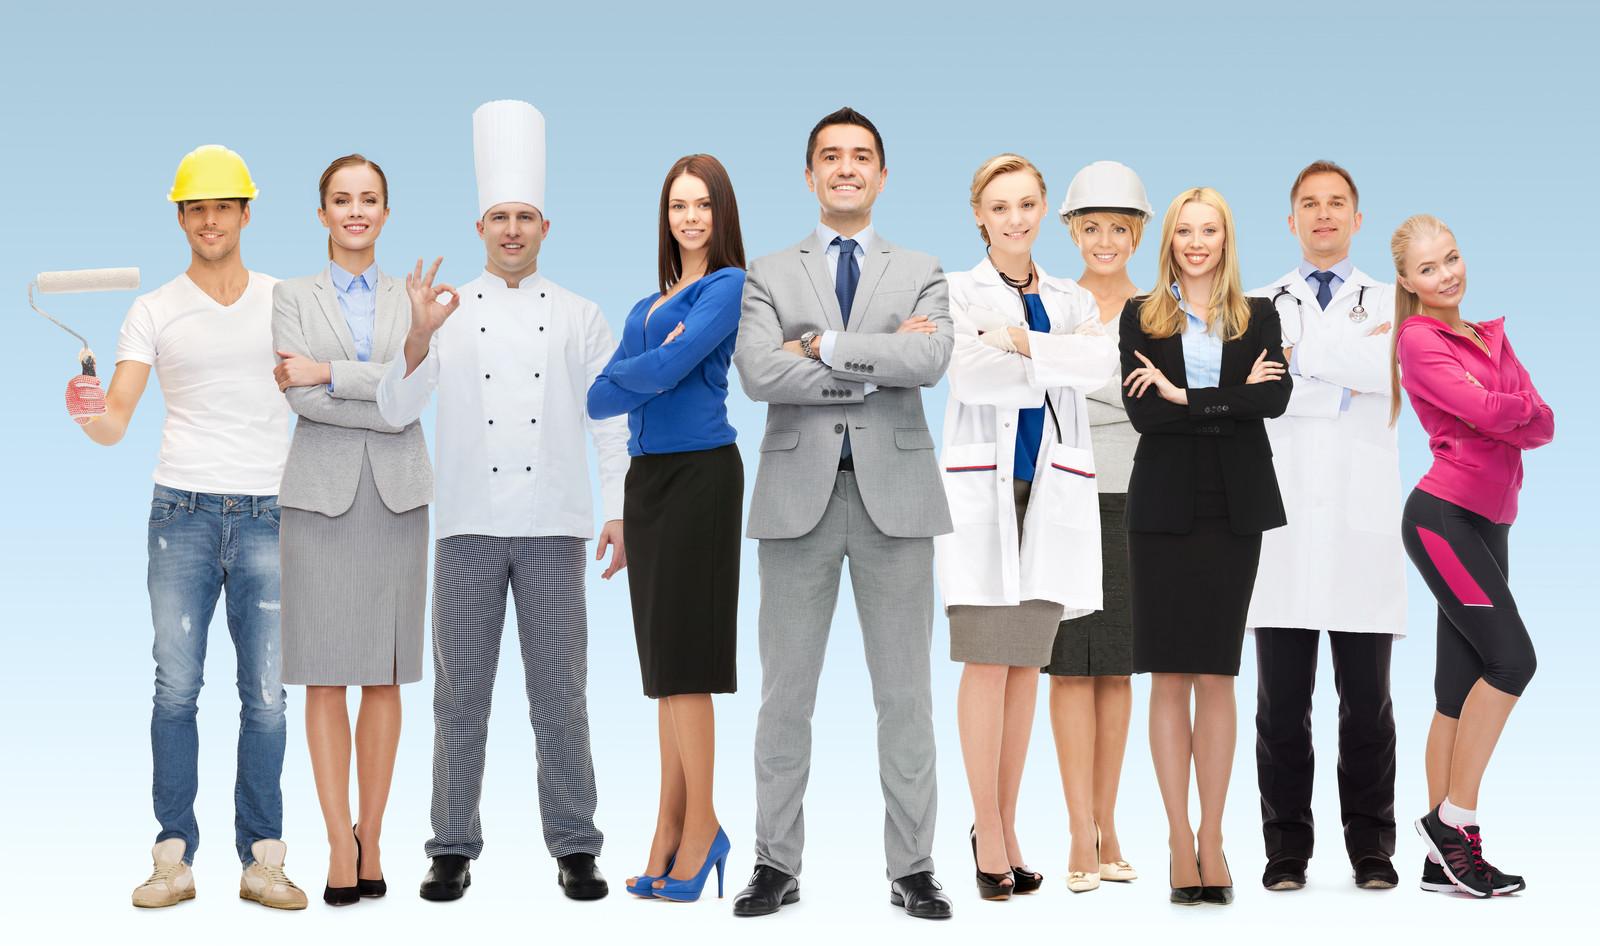 Швея, воспитатель и повар вошли в список востребованных профессий в Брянской области